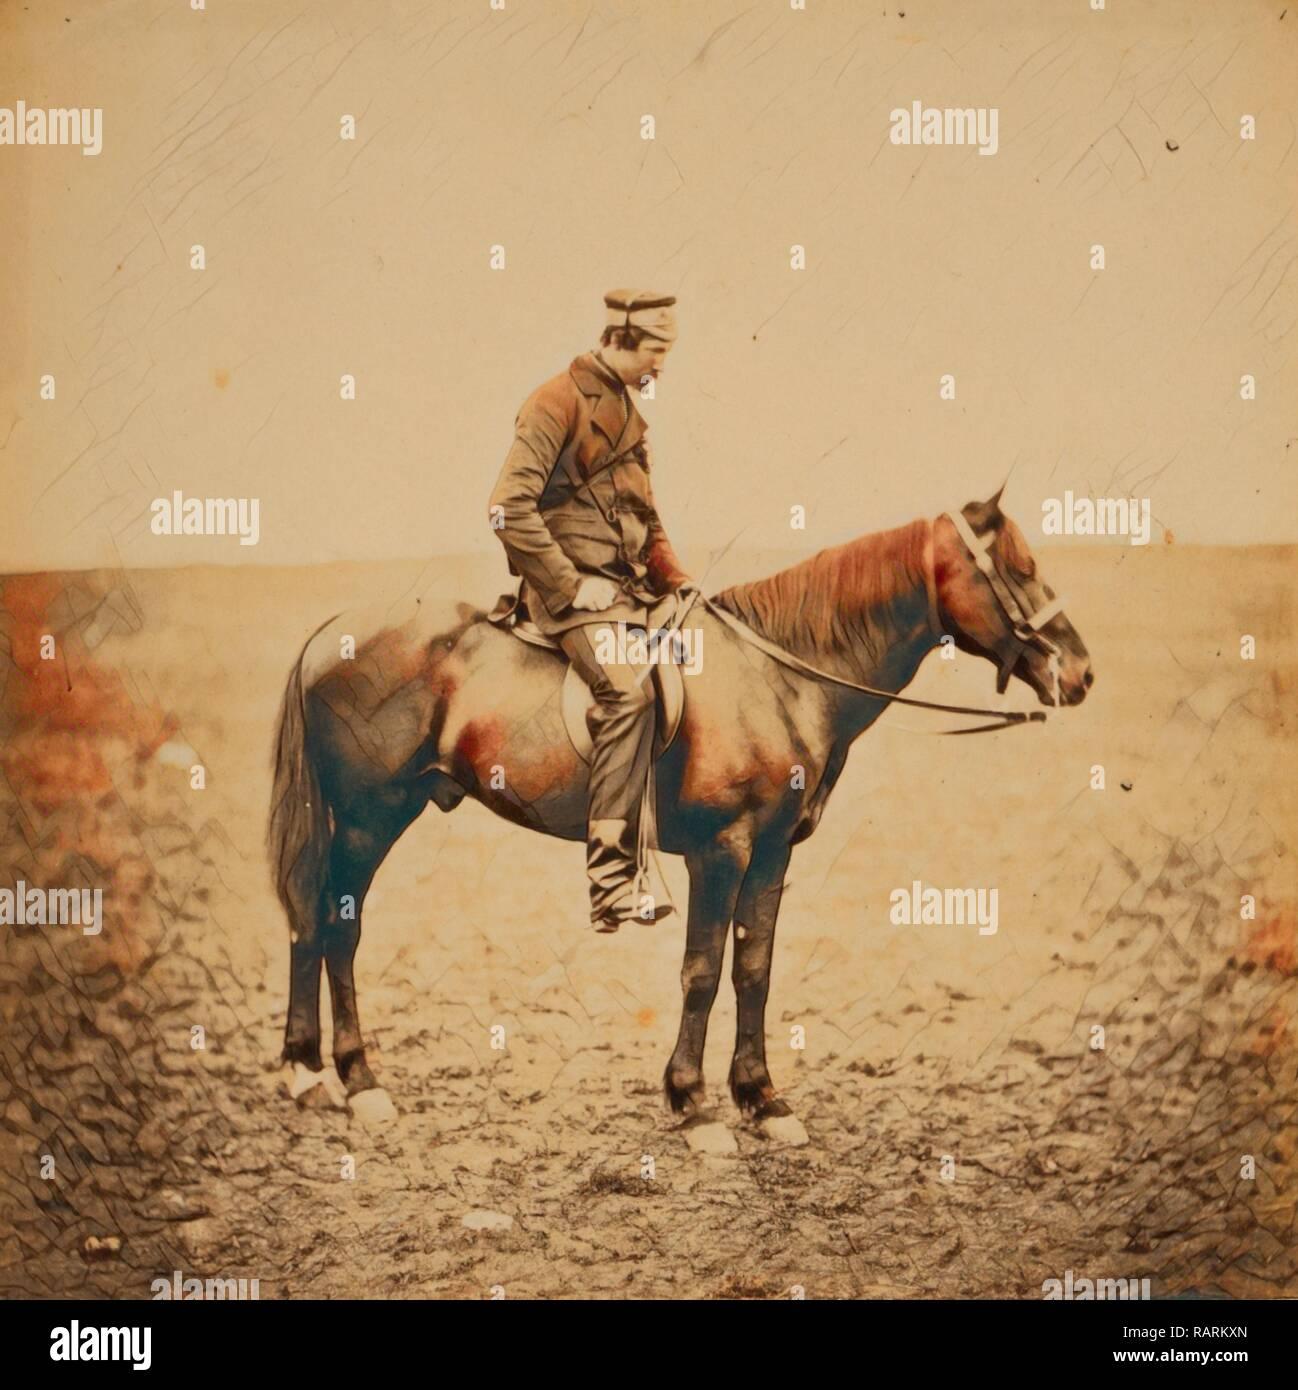 L'Honorable Grand Cathcart, Dep. En tant que. Adj. Général de la division légère, guerre de Crimée, 1853-1856, Roger Fenton repensé Photo Stock